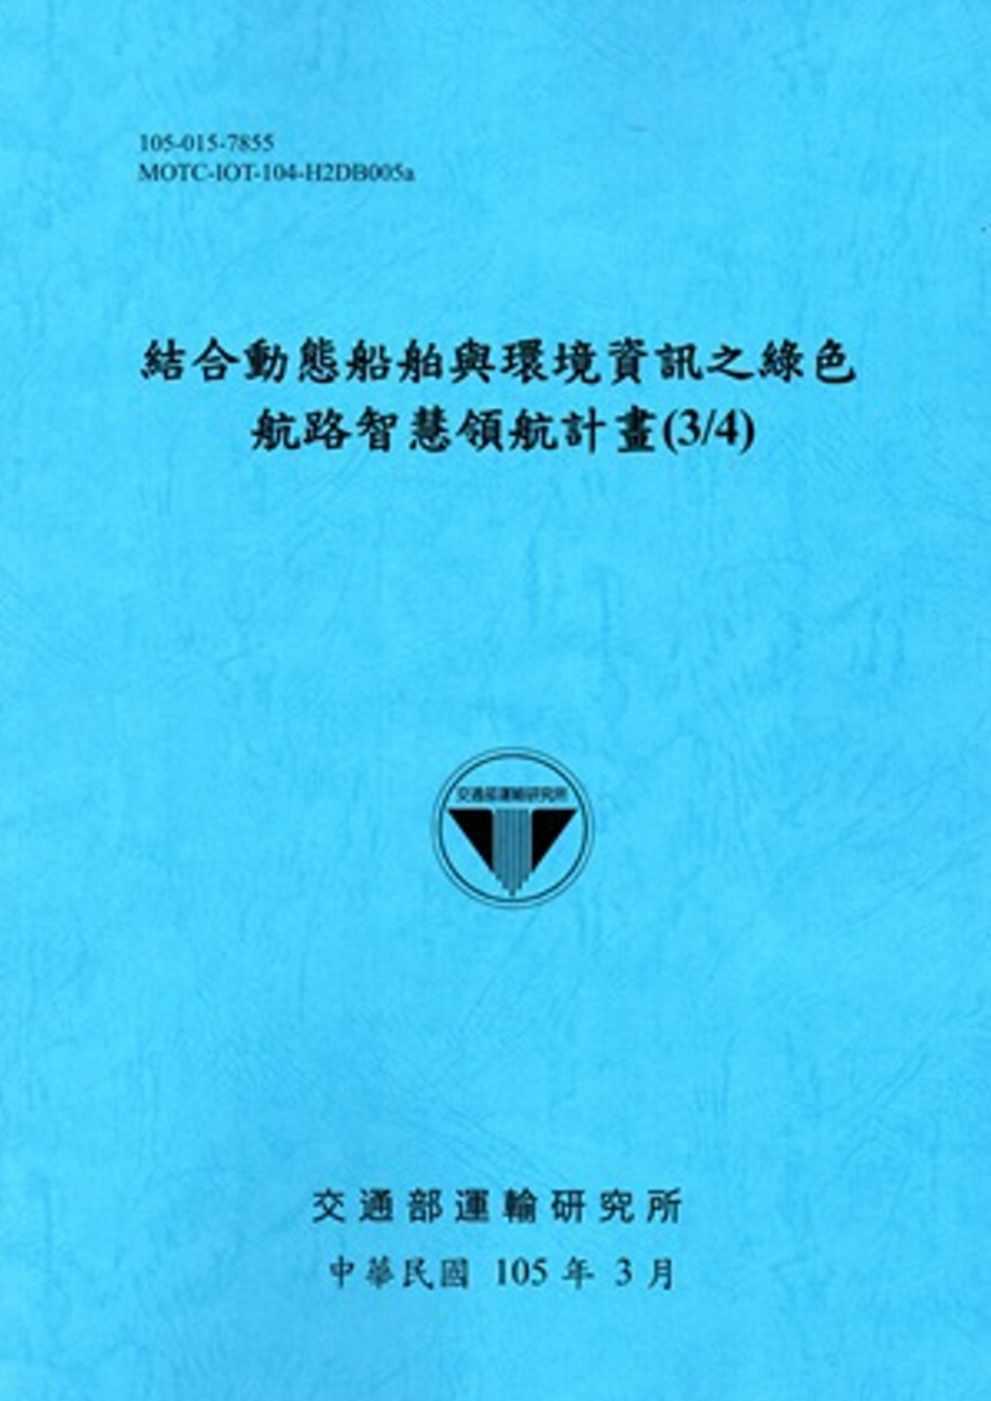 結合動態船舶與環境資訊之綠色航路智慧領航計畫(3/4)[105藍]